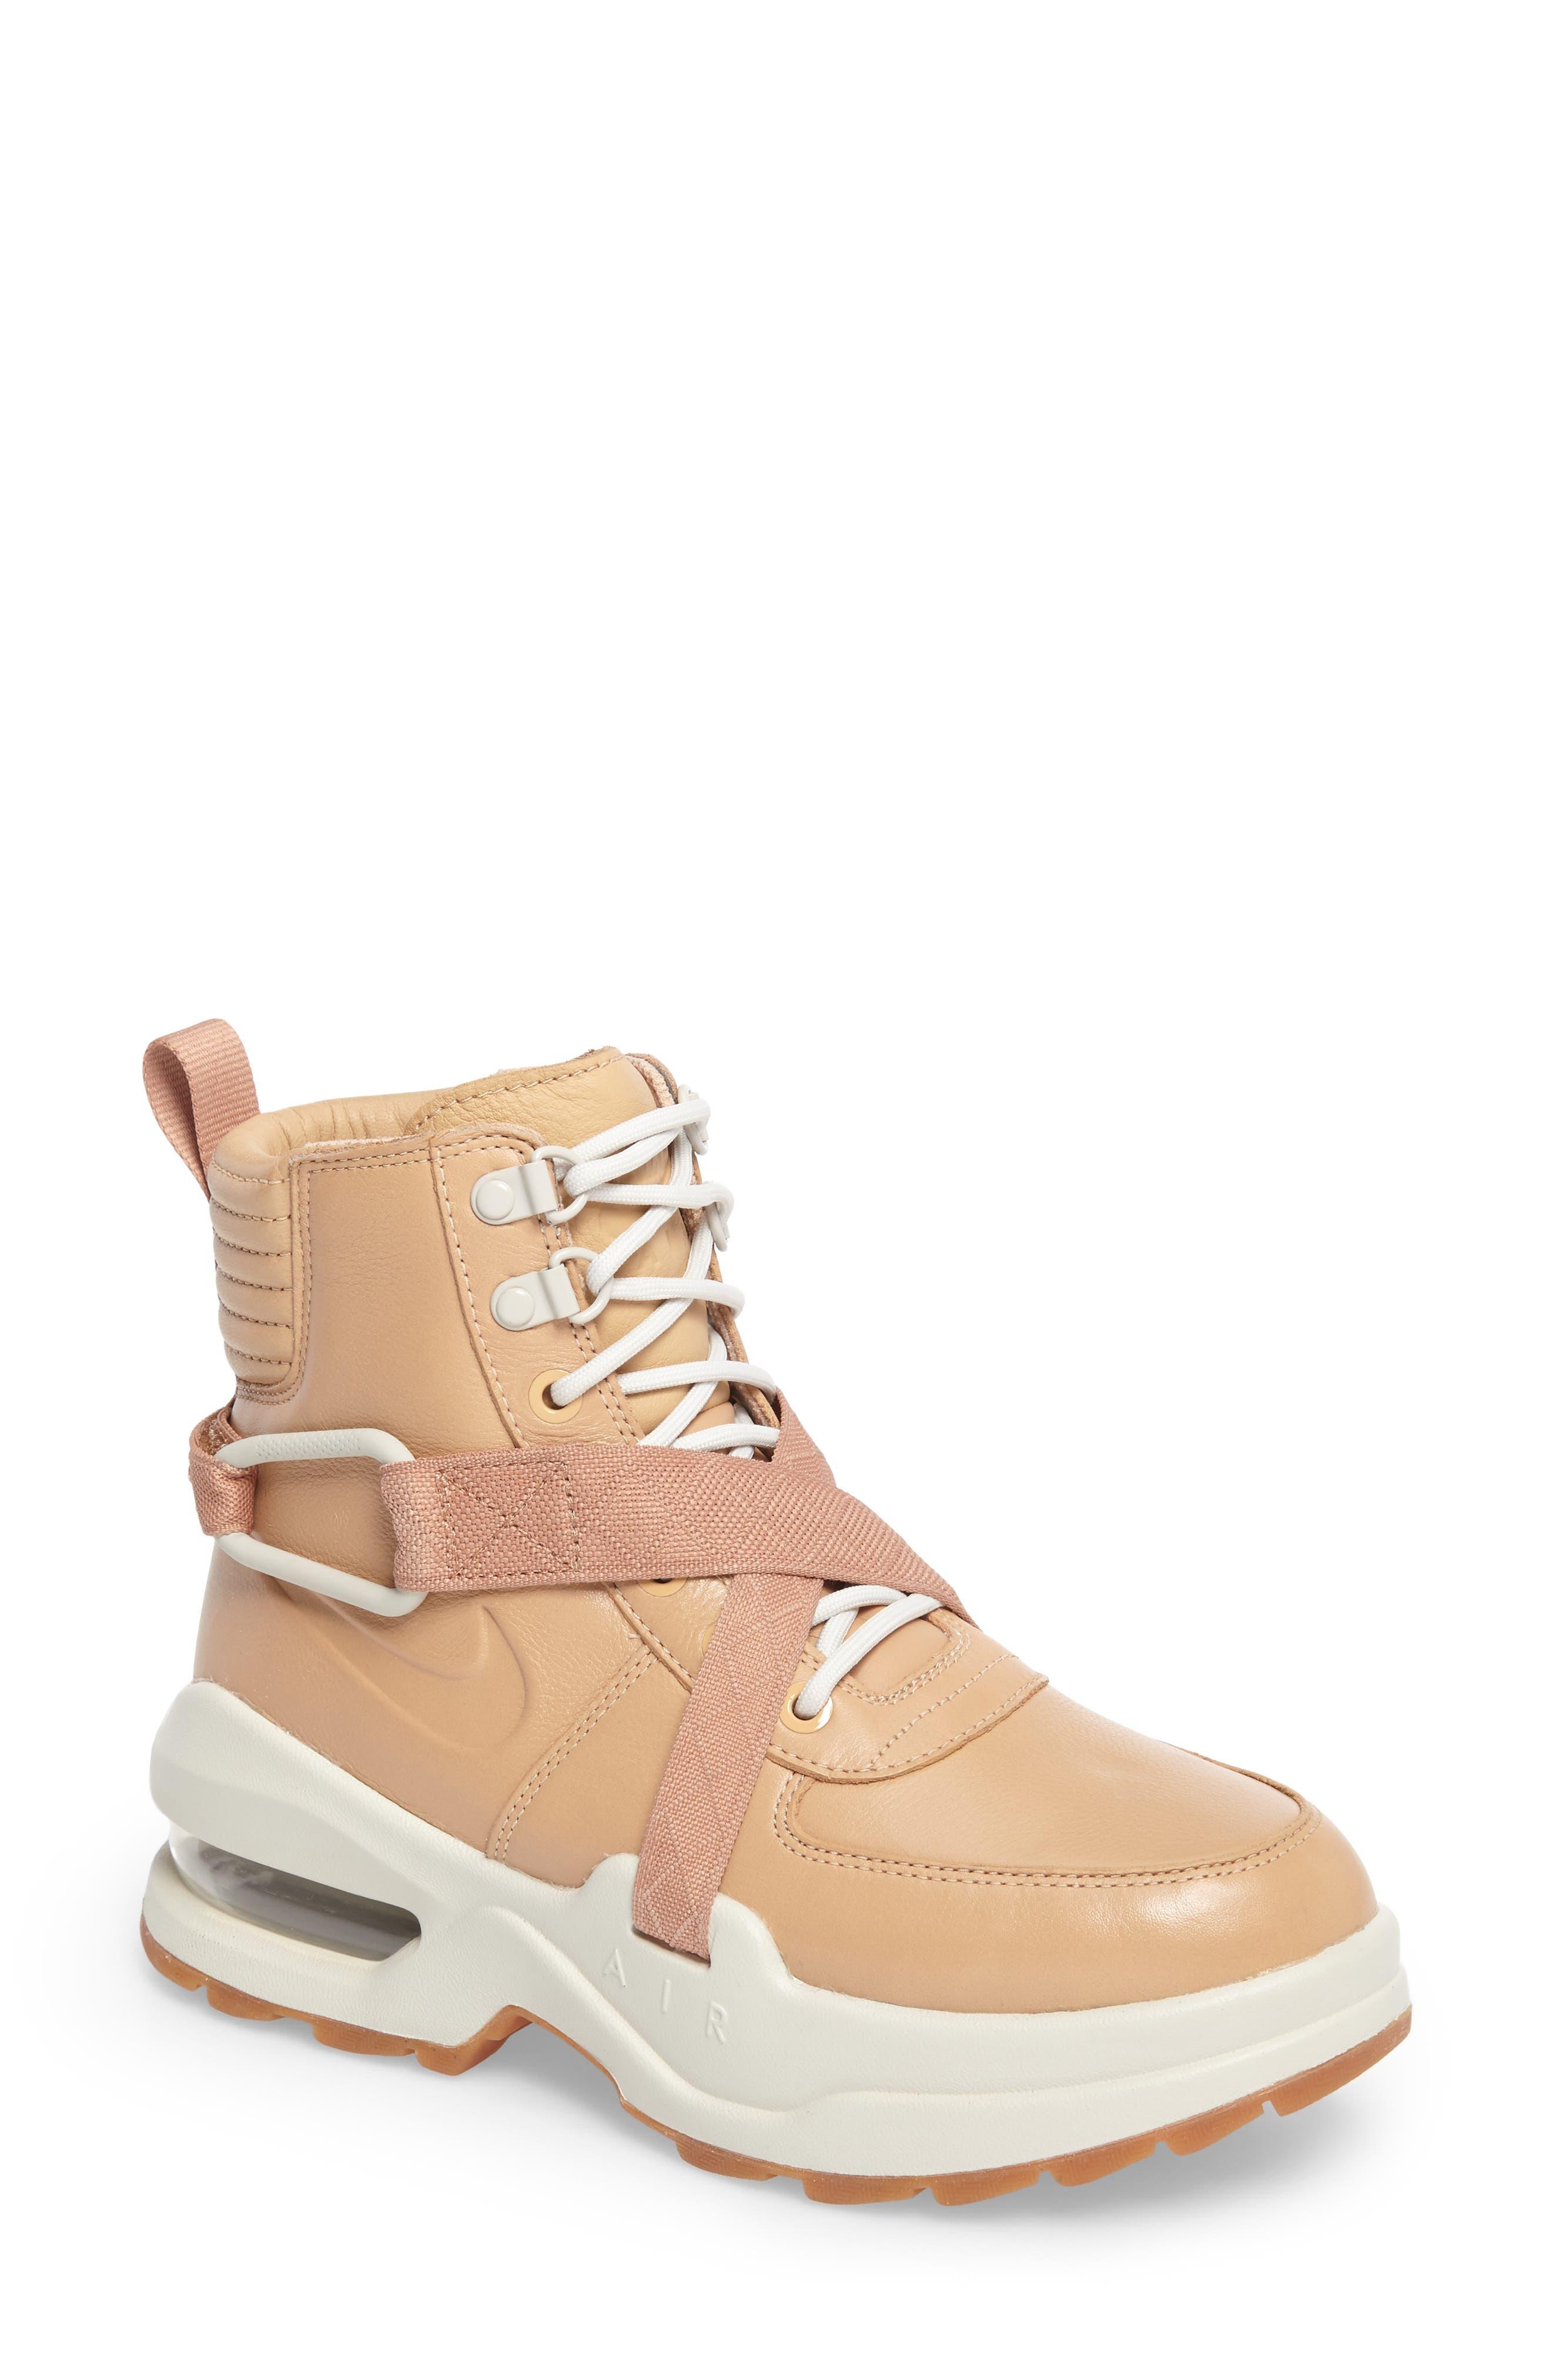 Air Max Goadome Sneaker Boot,                             Main thumbnail 1, color,                             Tan/ Tan/ Light Bone/ Clay